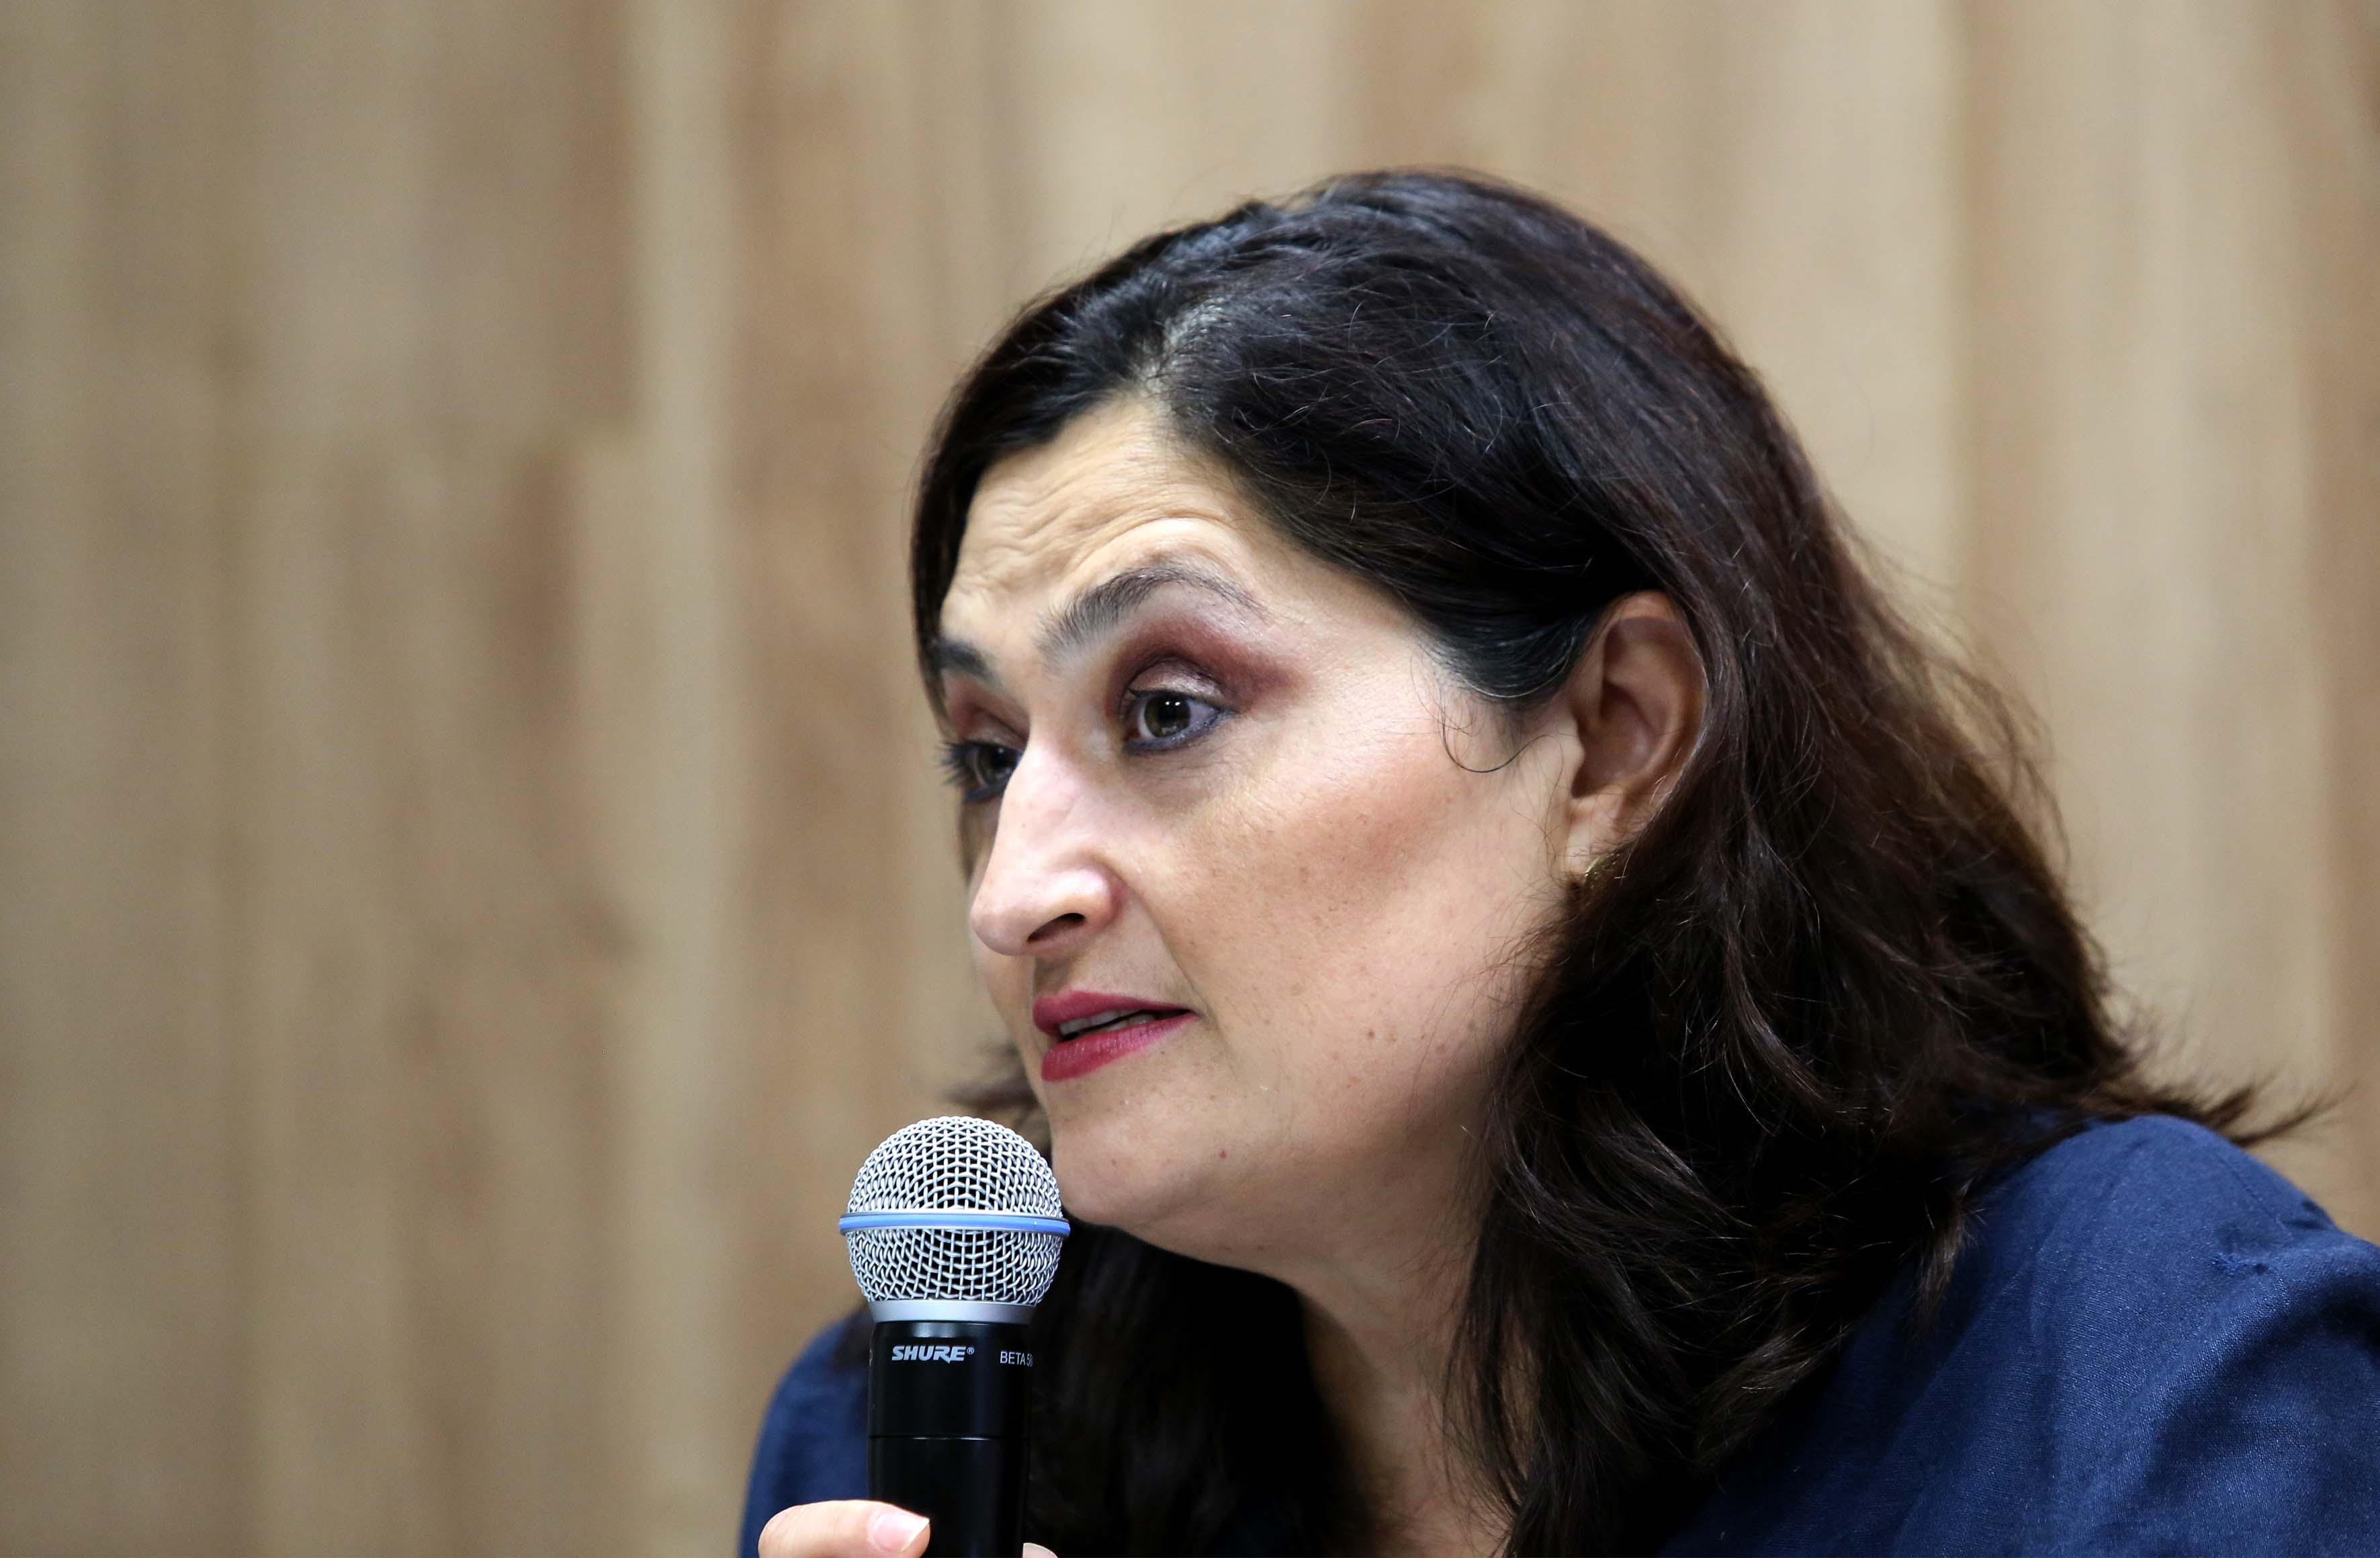 Mtra. Ana Maria de la O hablando frente al micrófono